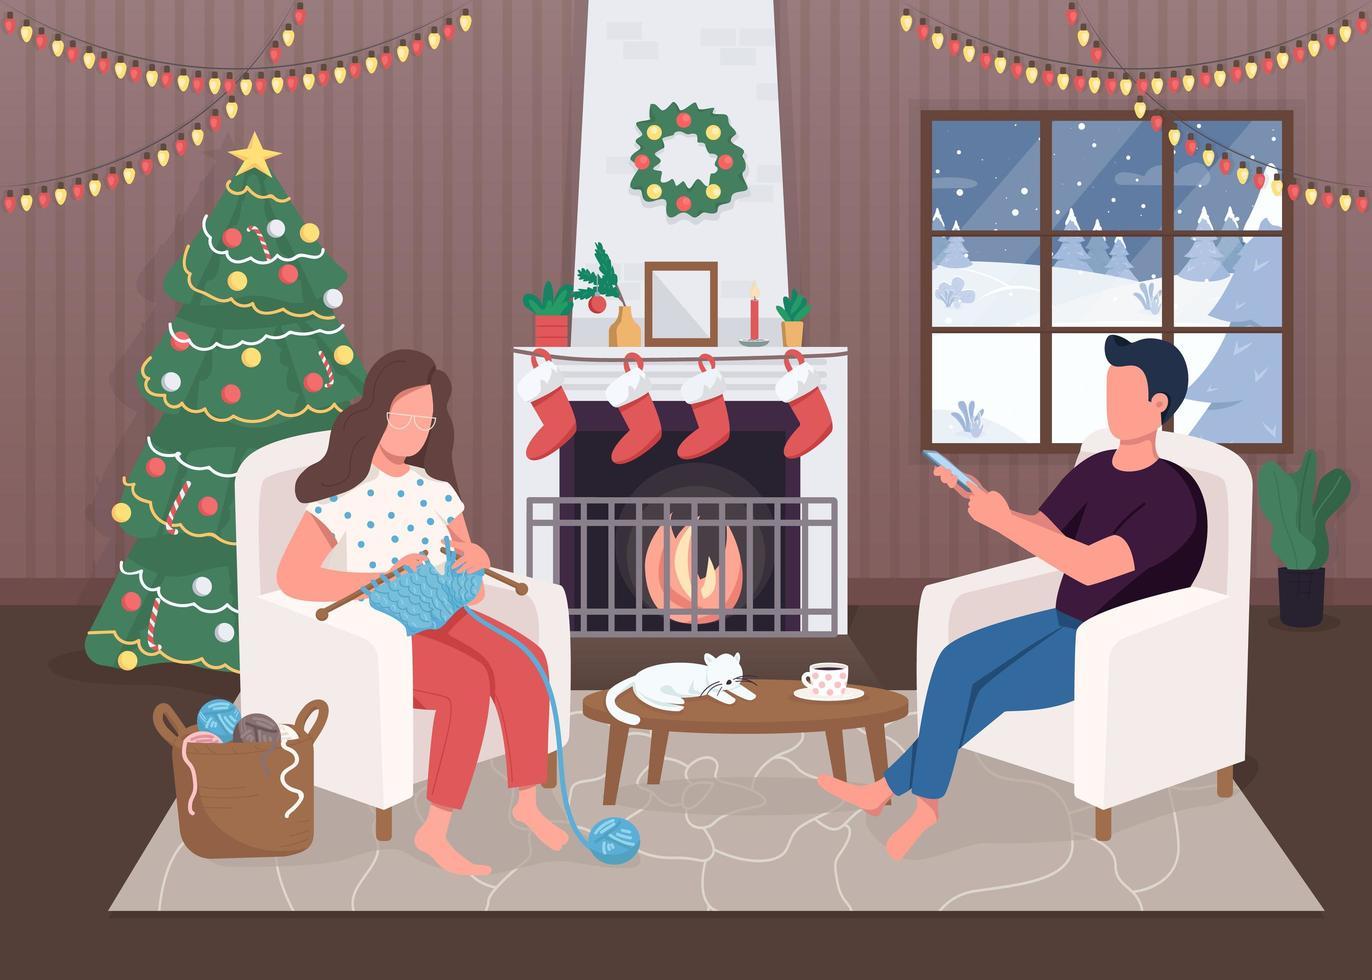 noche de navidad junto al fuego vector